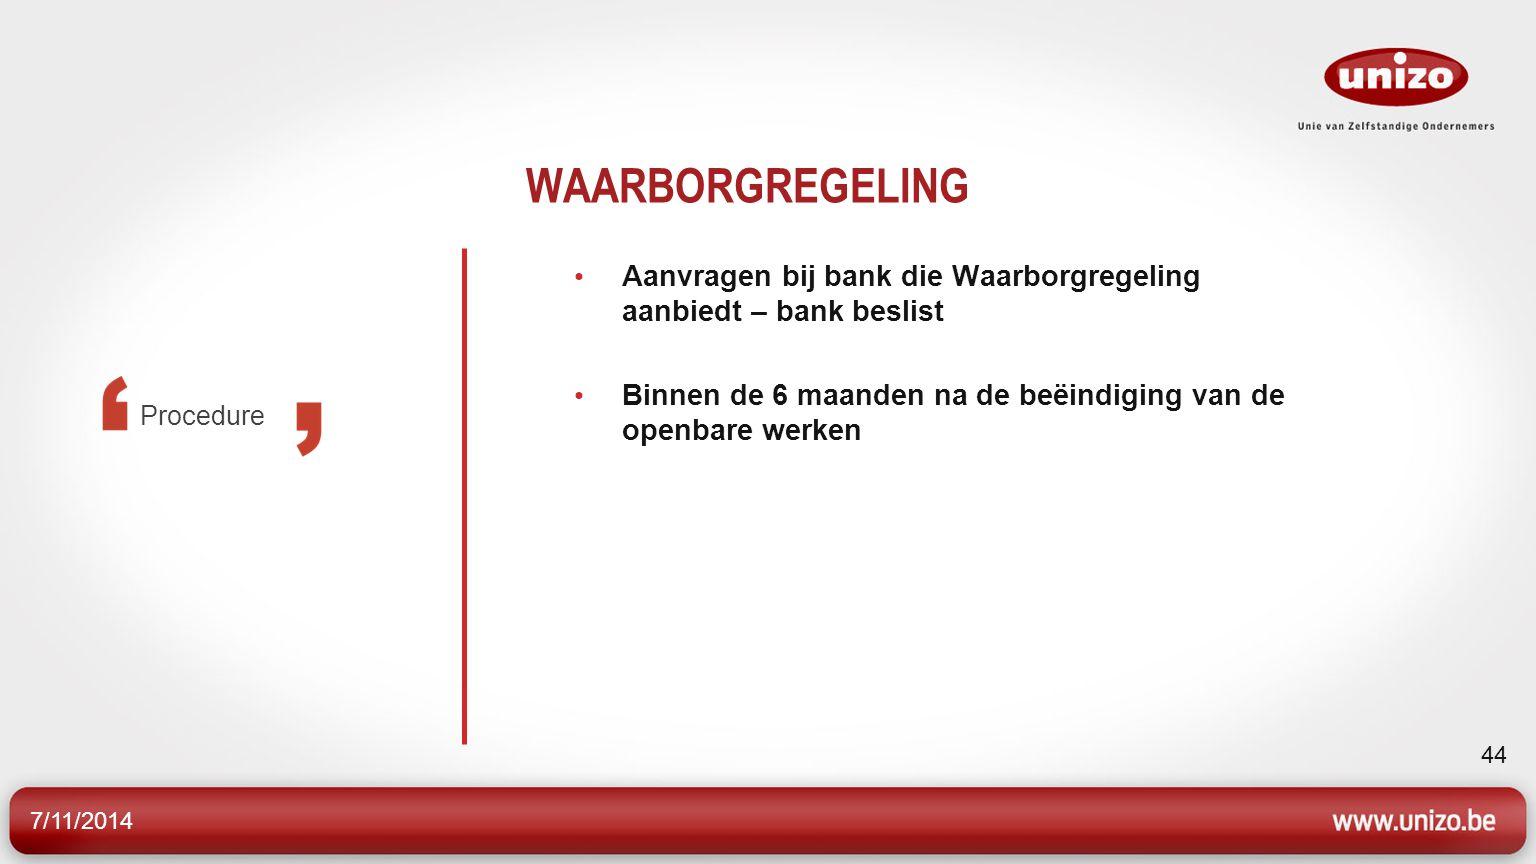 7/11/2014 44 WAARBORGREGELING Aanvragen bij bank die Waarborgregeling aanbiedt – bank beslist Binnen de 6 maanden na de beëindiging van de openbare werken Procedure